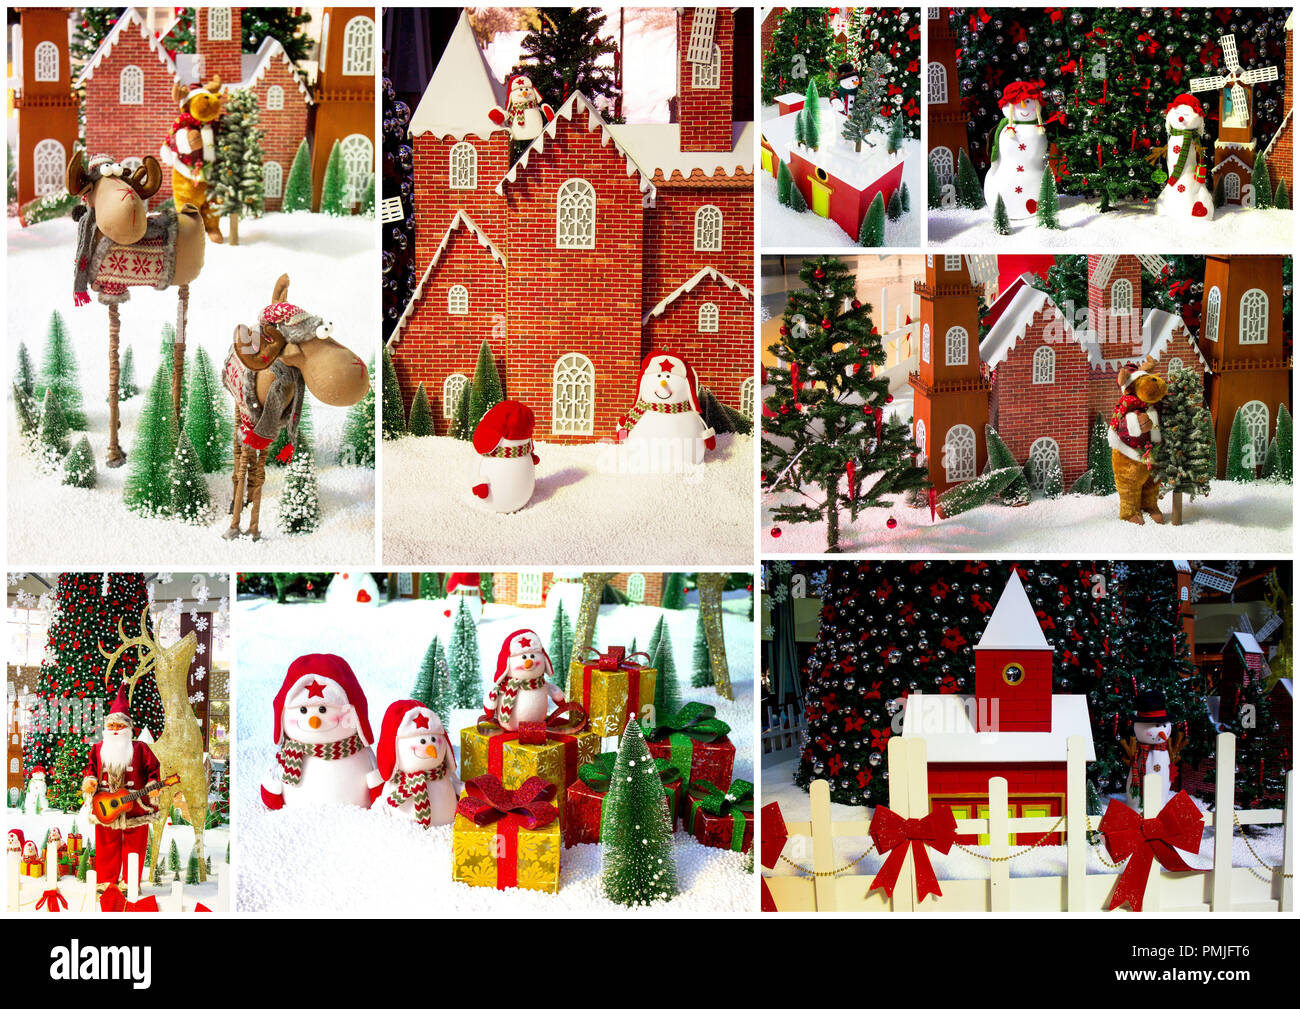 Foto Collage Di Natale.Collage Buon Natale E Felice Anno Nuovo Bigliettino Sfondo Di Natale Con Albero Di Natale E Pupazzo Di Neve Foto Stock Alamy